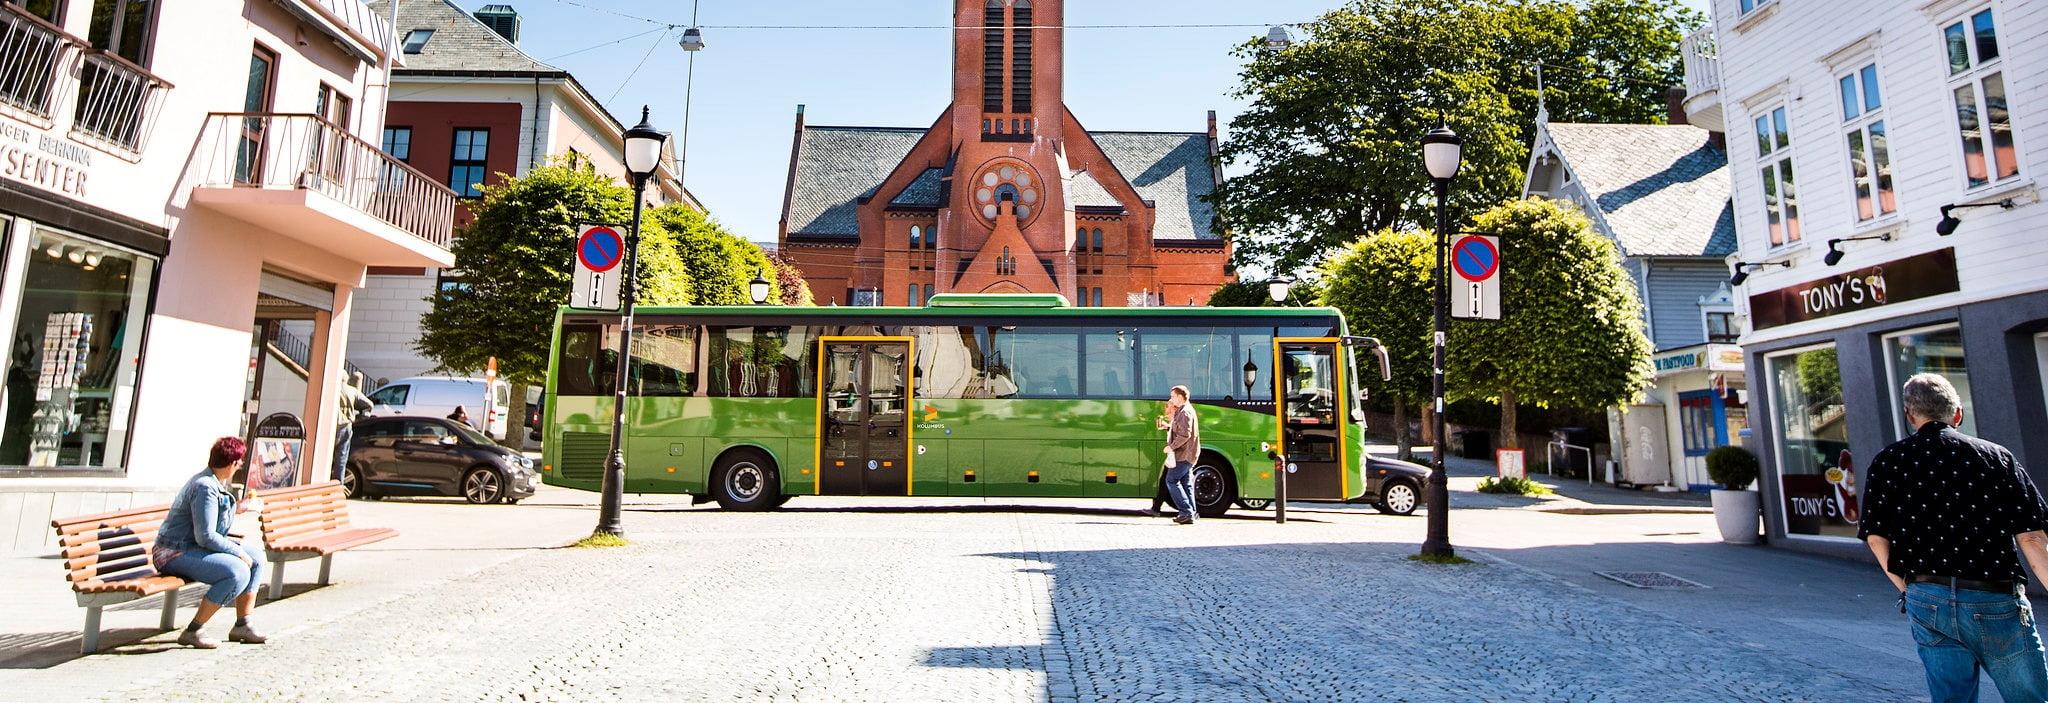 Automotive parking light, Mode of transport, Town, Neighbourhood, Window, Bus, Wheel